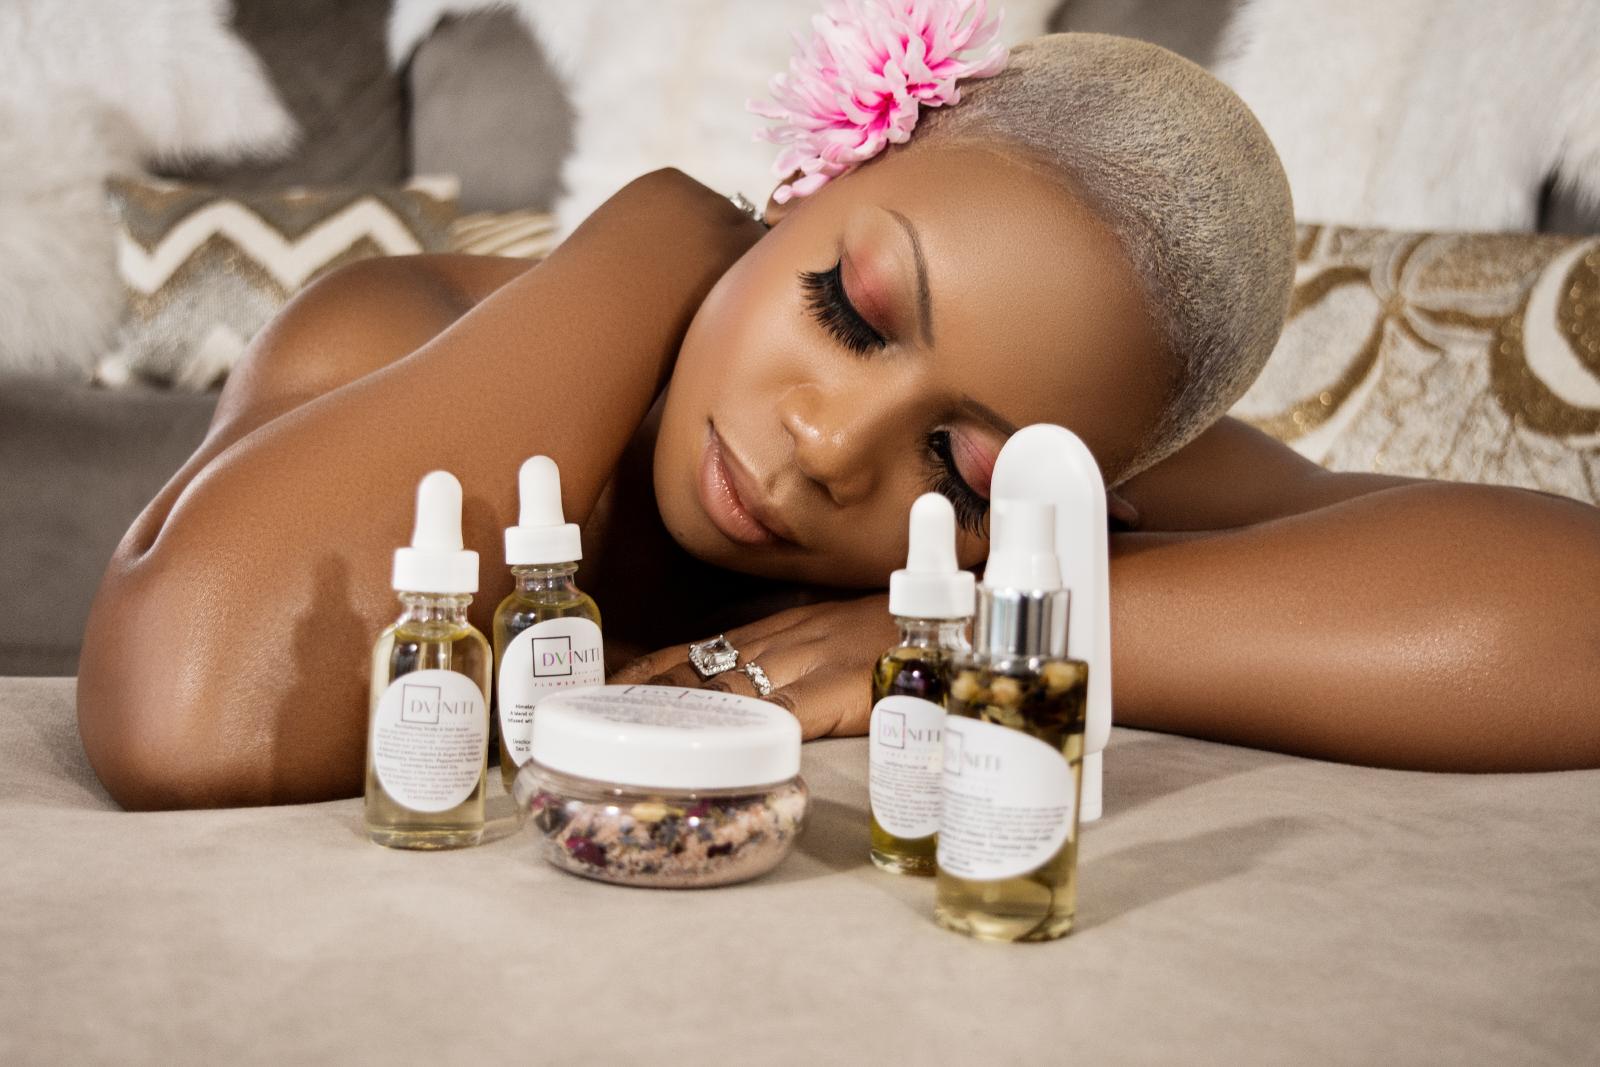 Skincare Routine With DVINITI